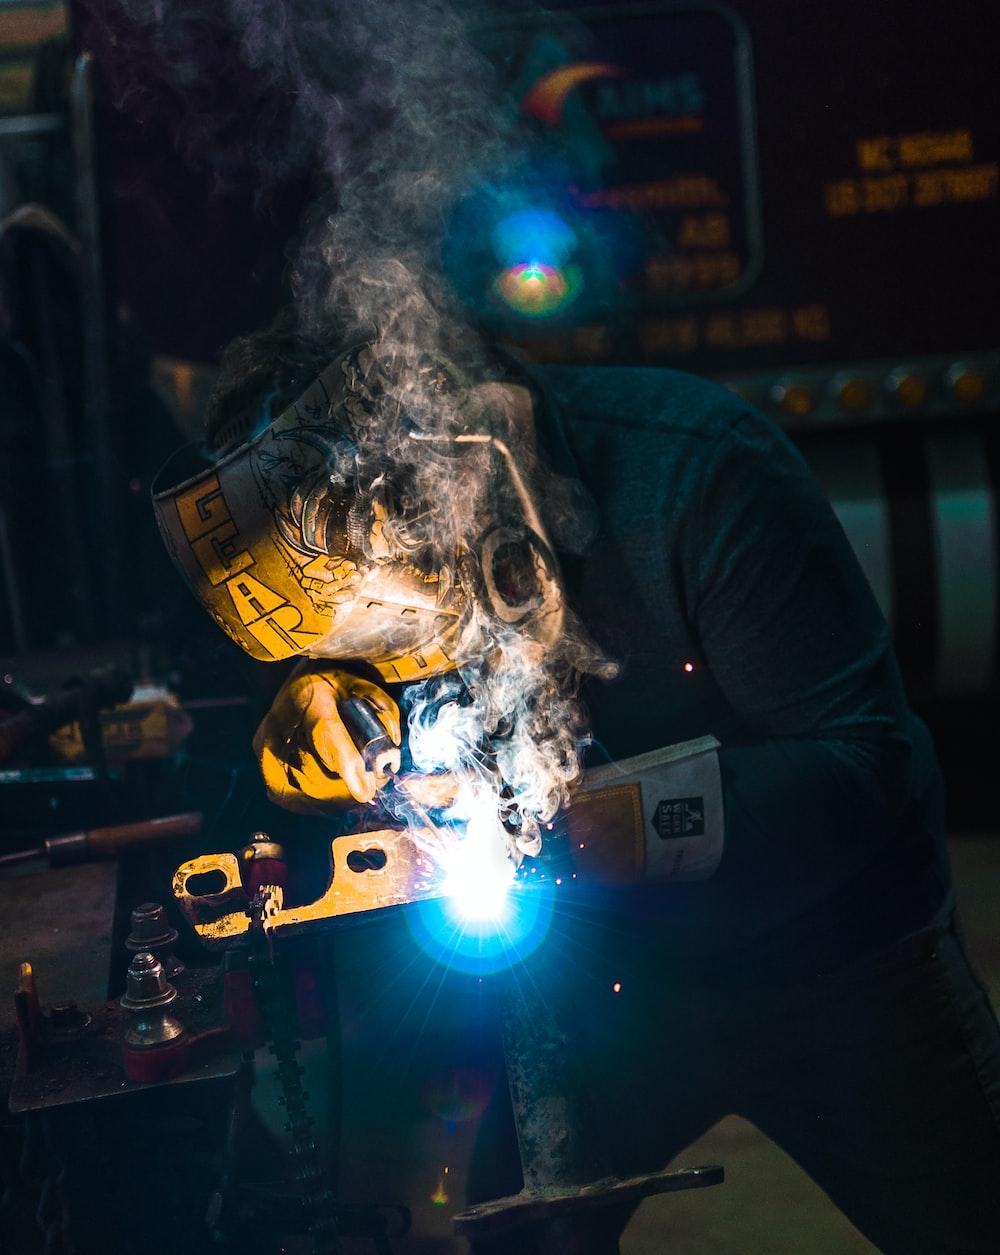 person welding metal tool